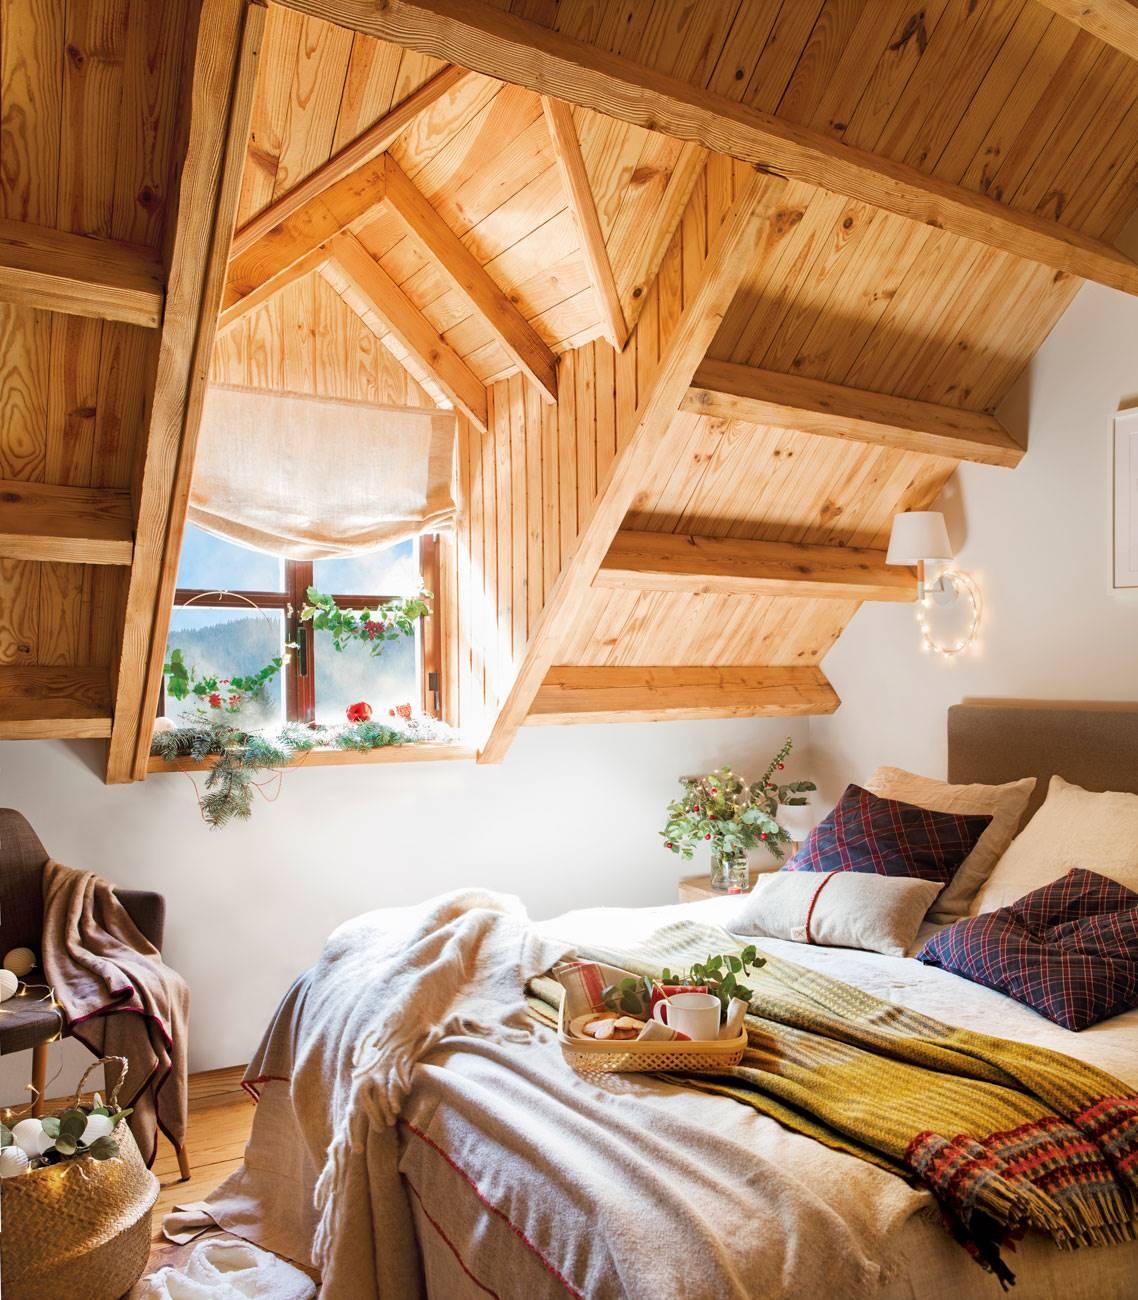 dormitorio-madera 495623. Baño de calidez